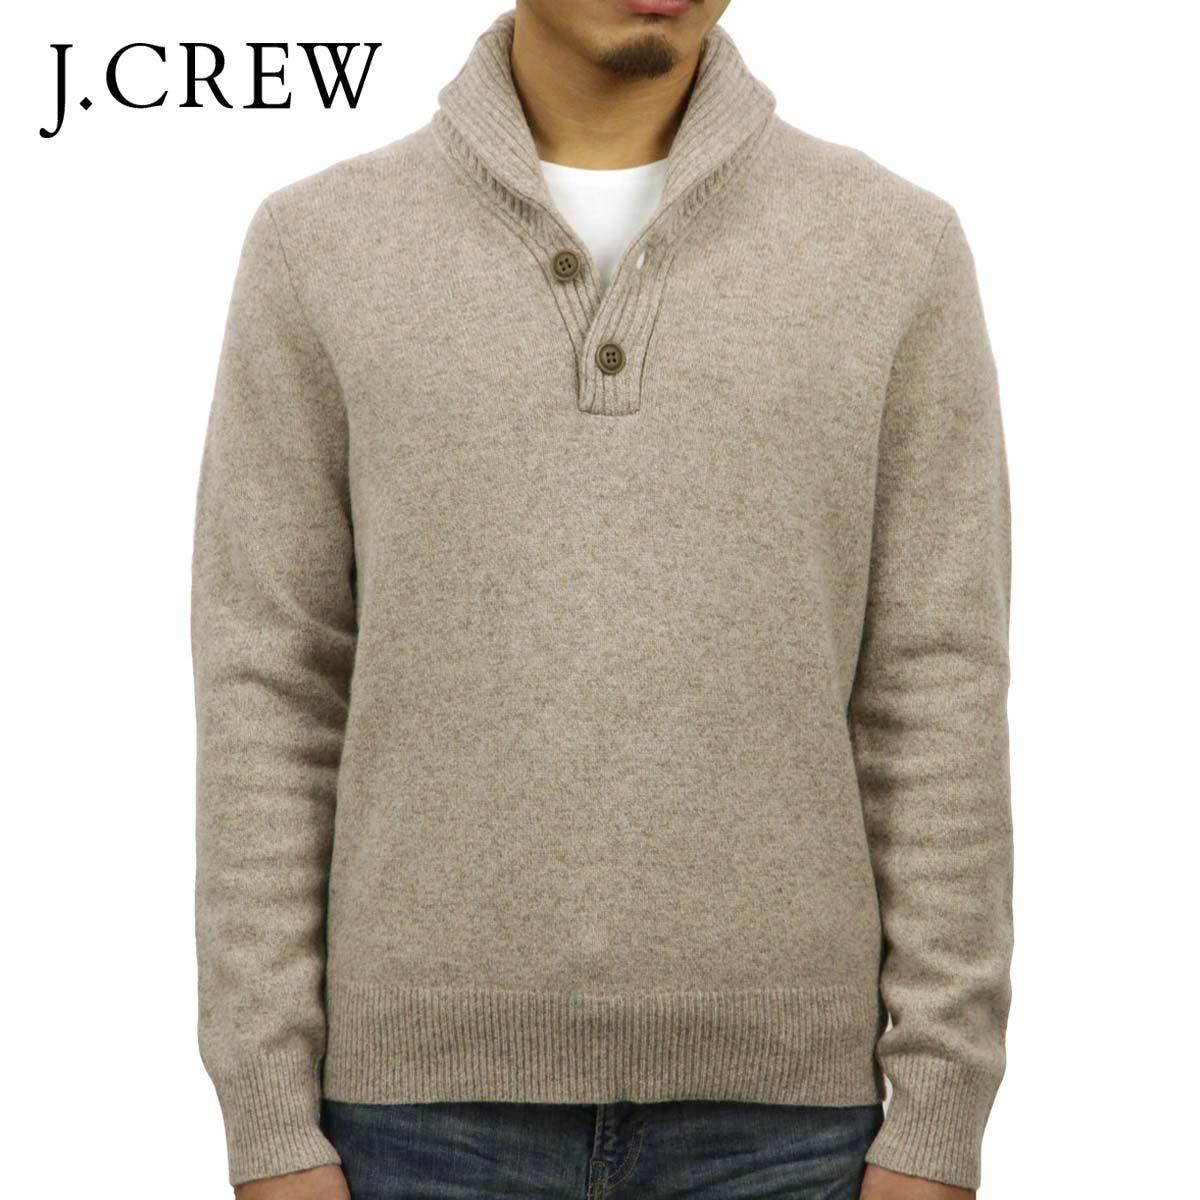 ジェイクルー J.CREW 正規品 メンズ セーター LAMBSWOOL SHAWL-COLLAR SWEATER 21943 D20S30